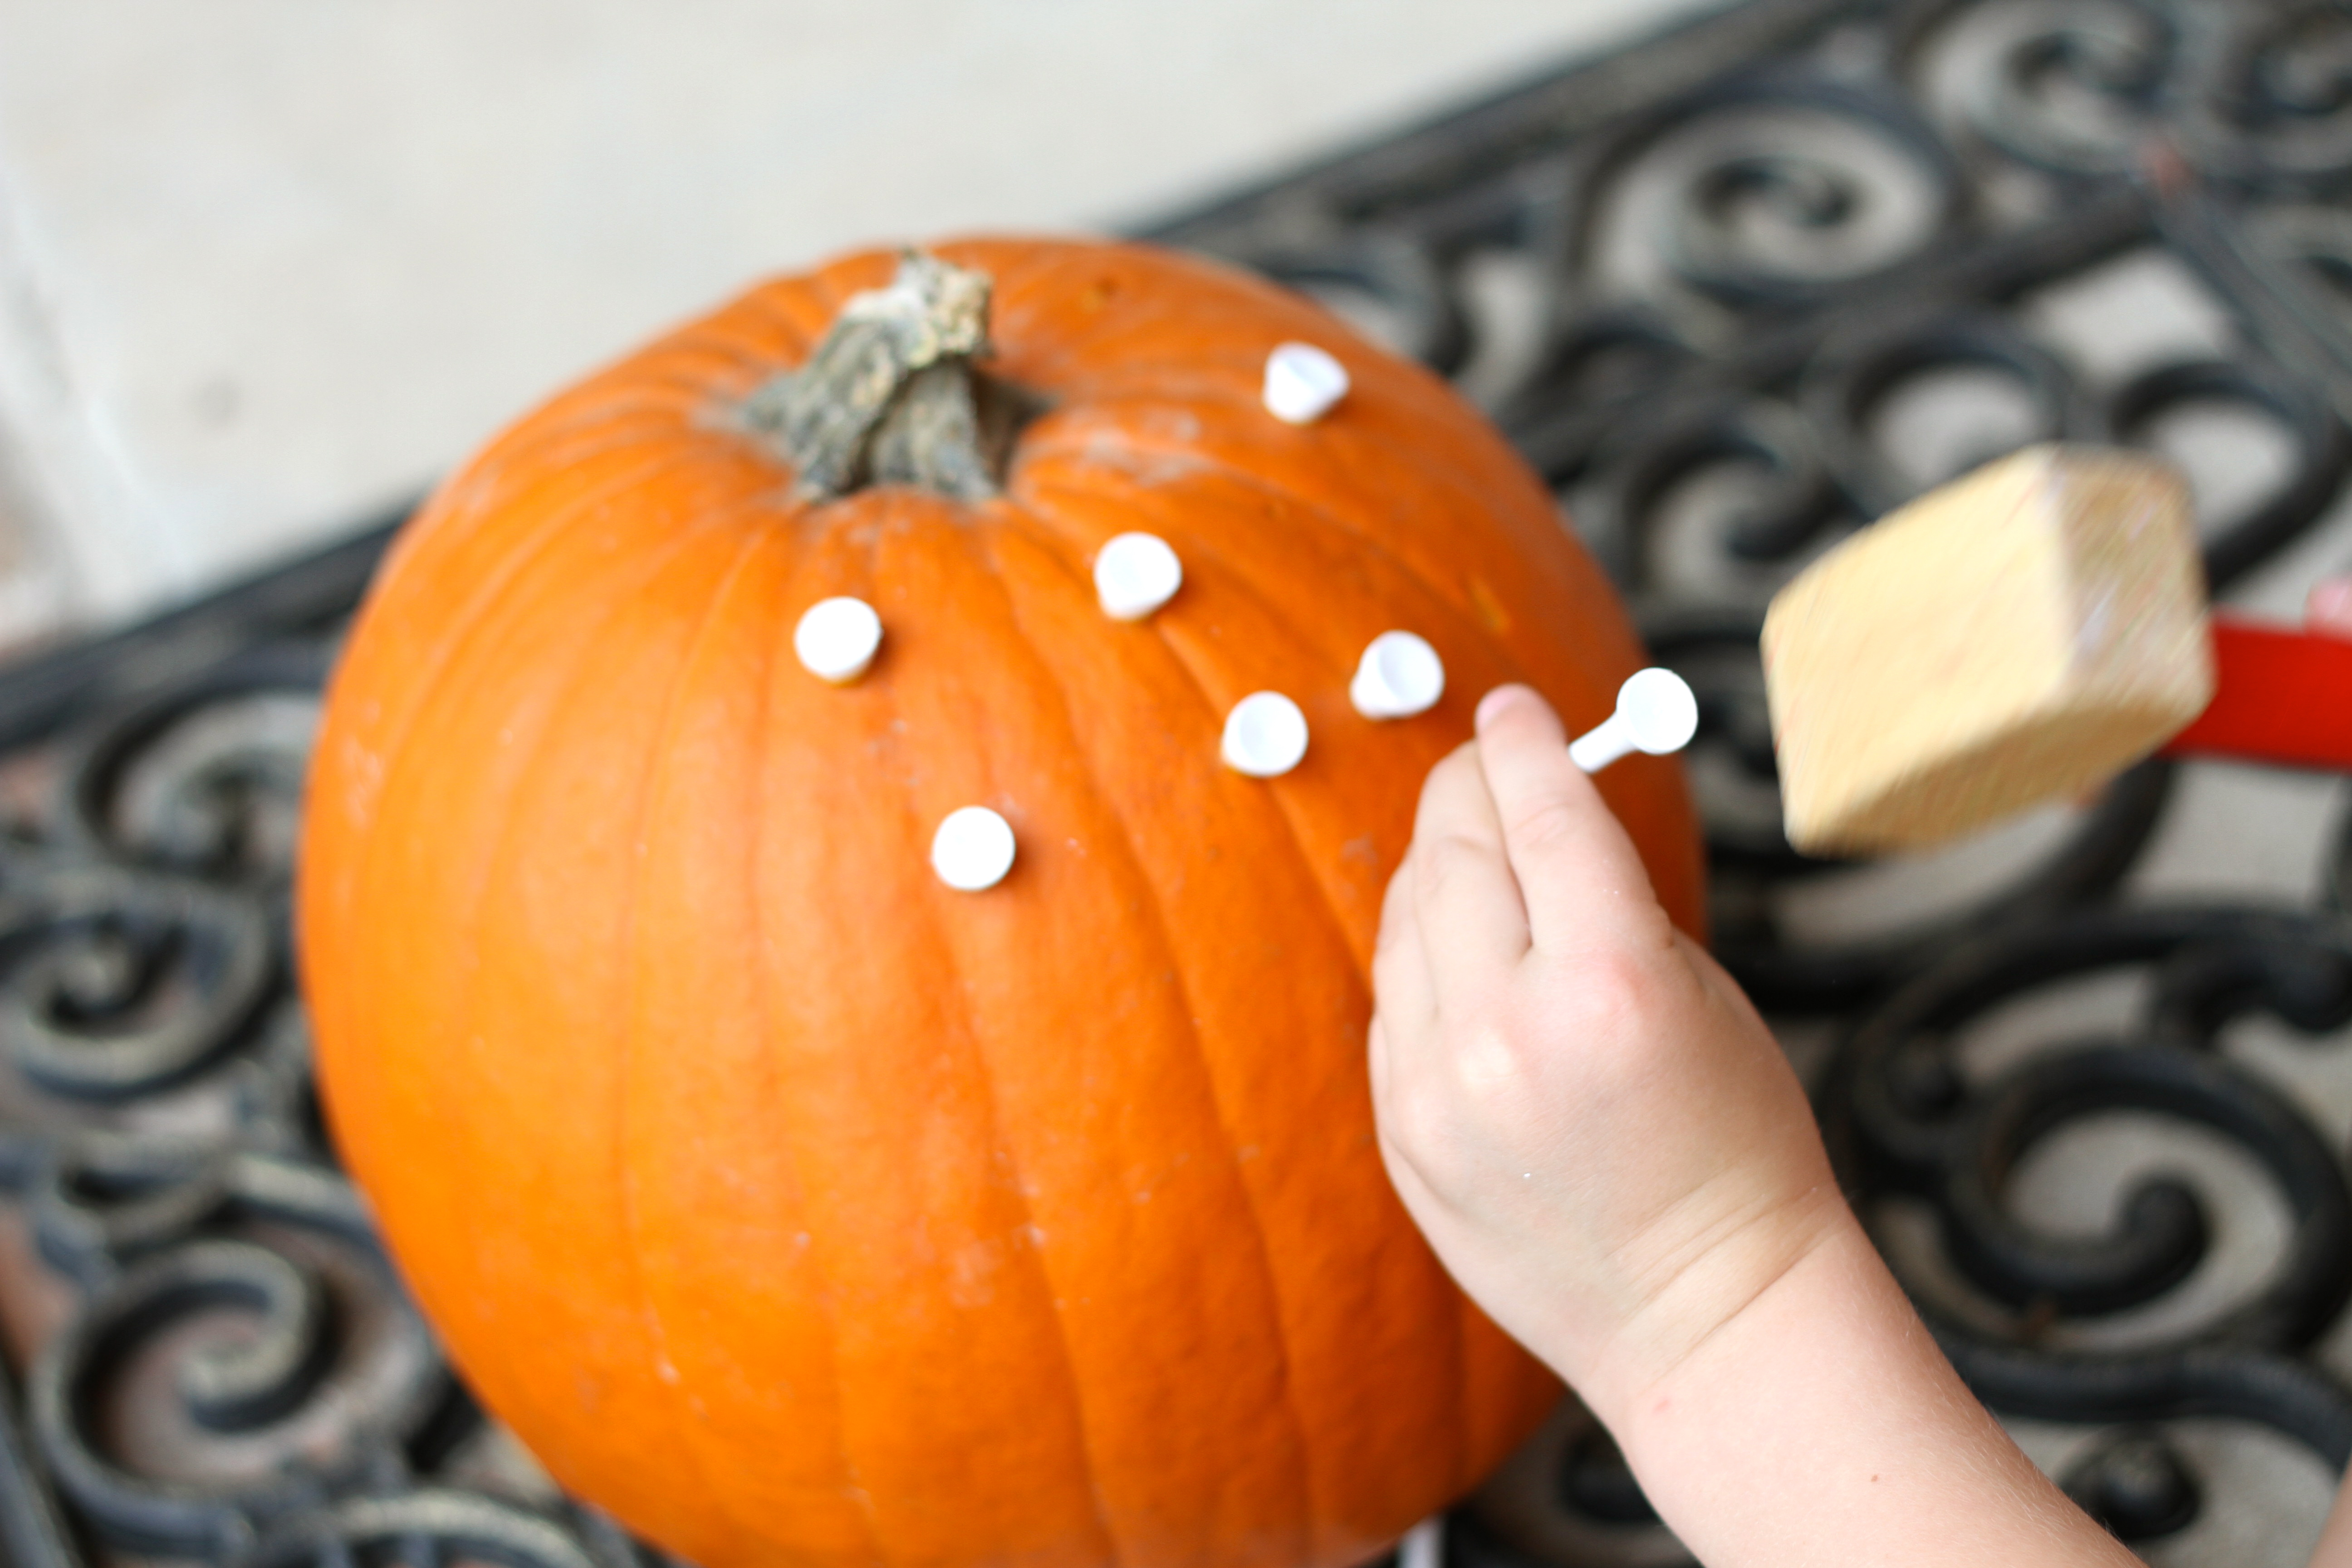 Uncategorized Pumpkin Golf pounding golf tees into a pumpkin img 5207